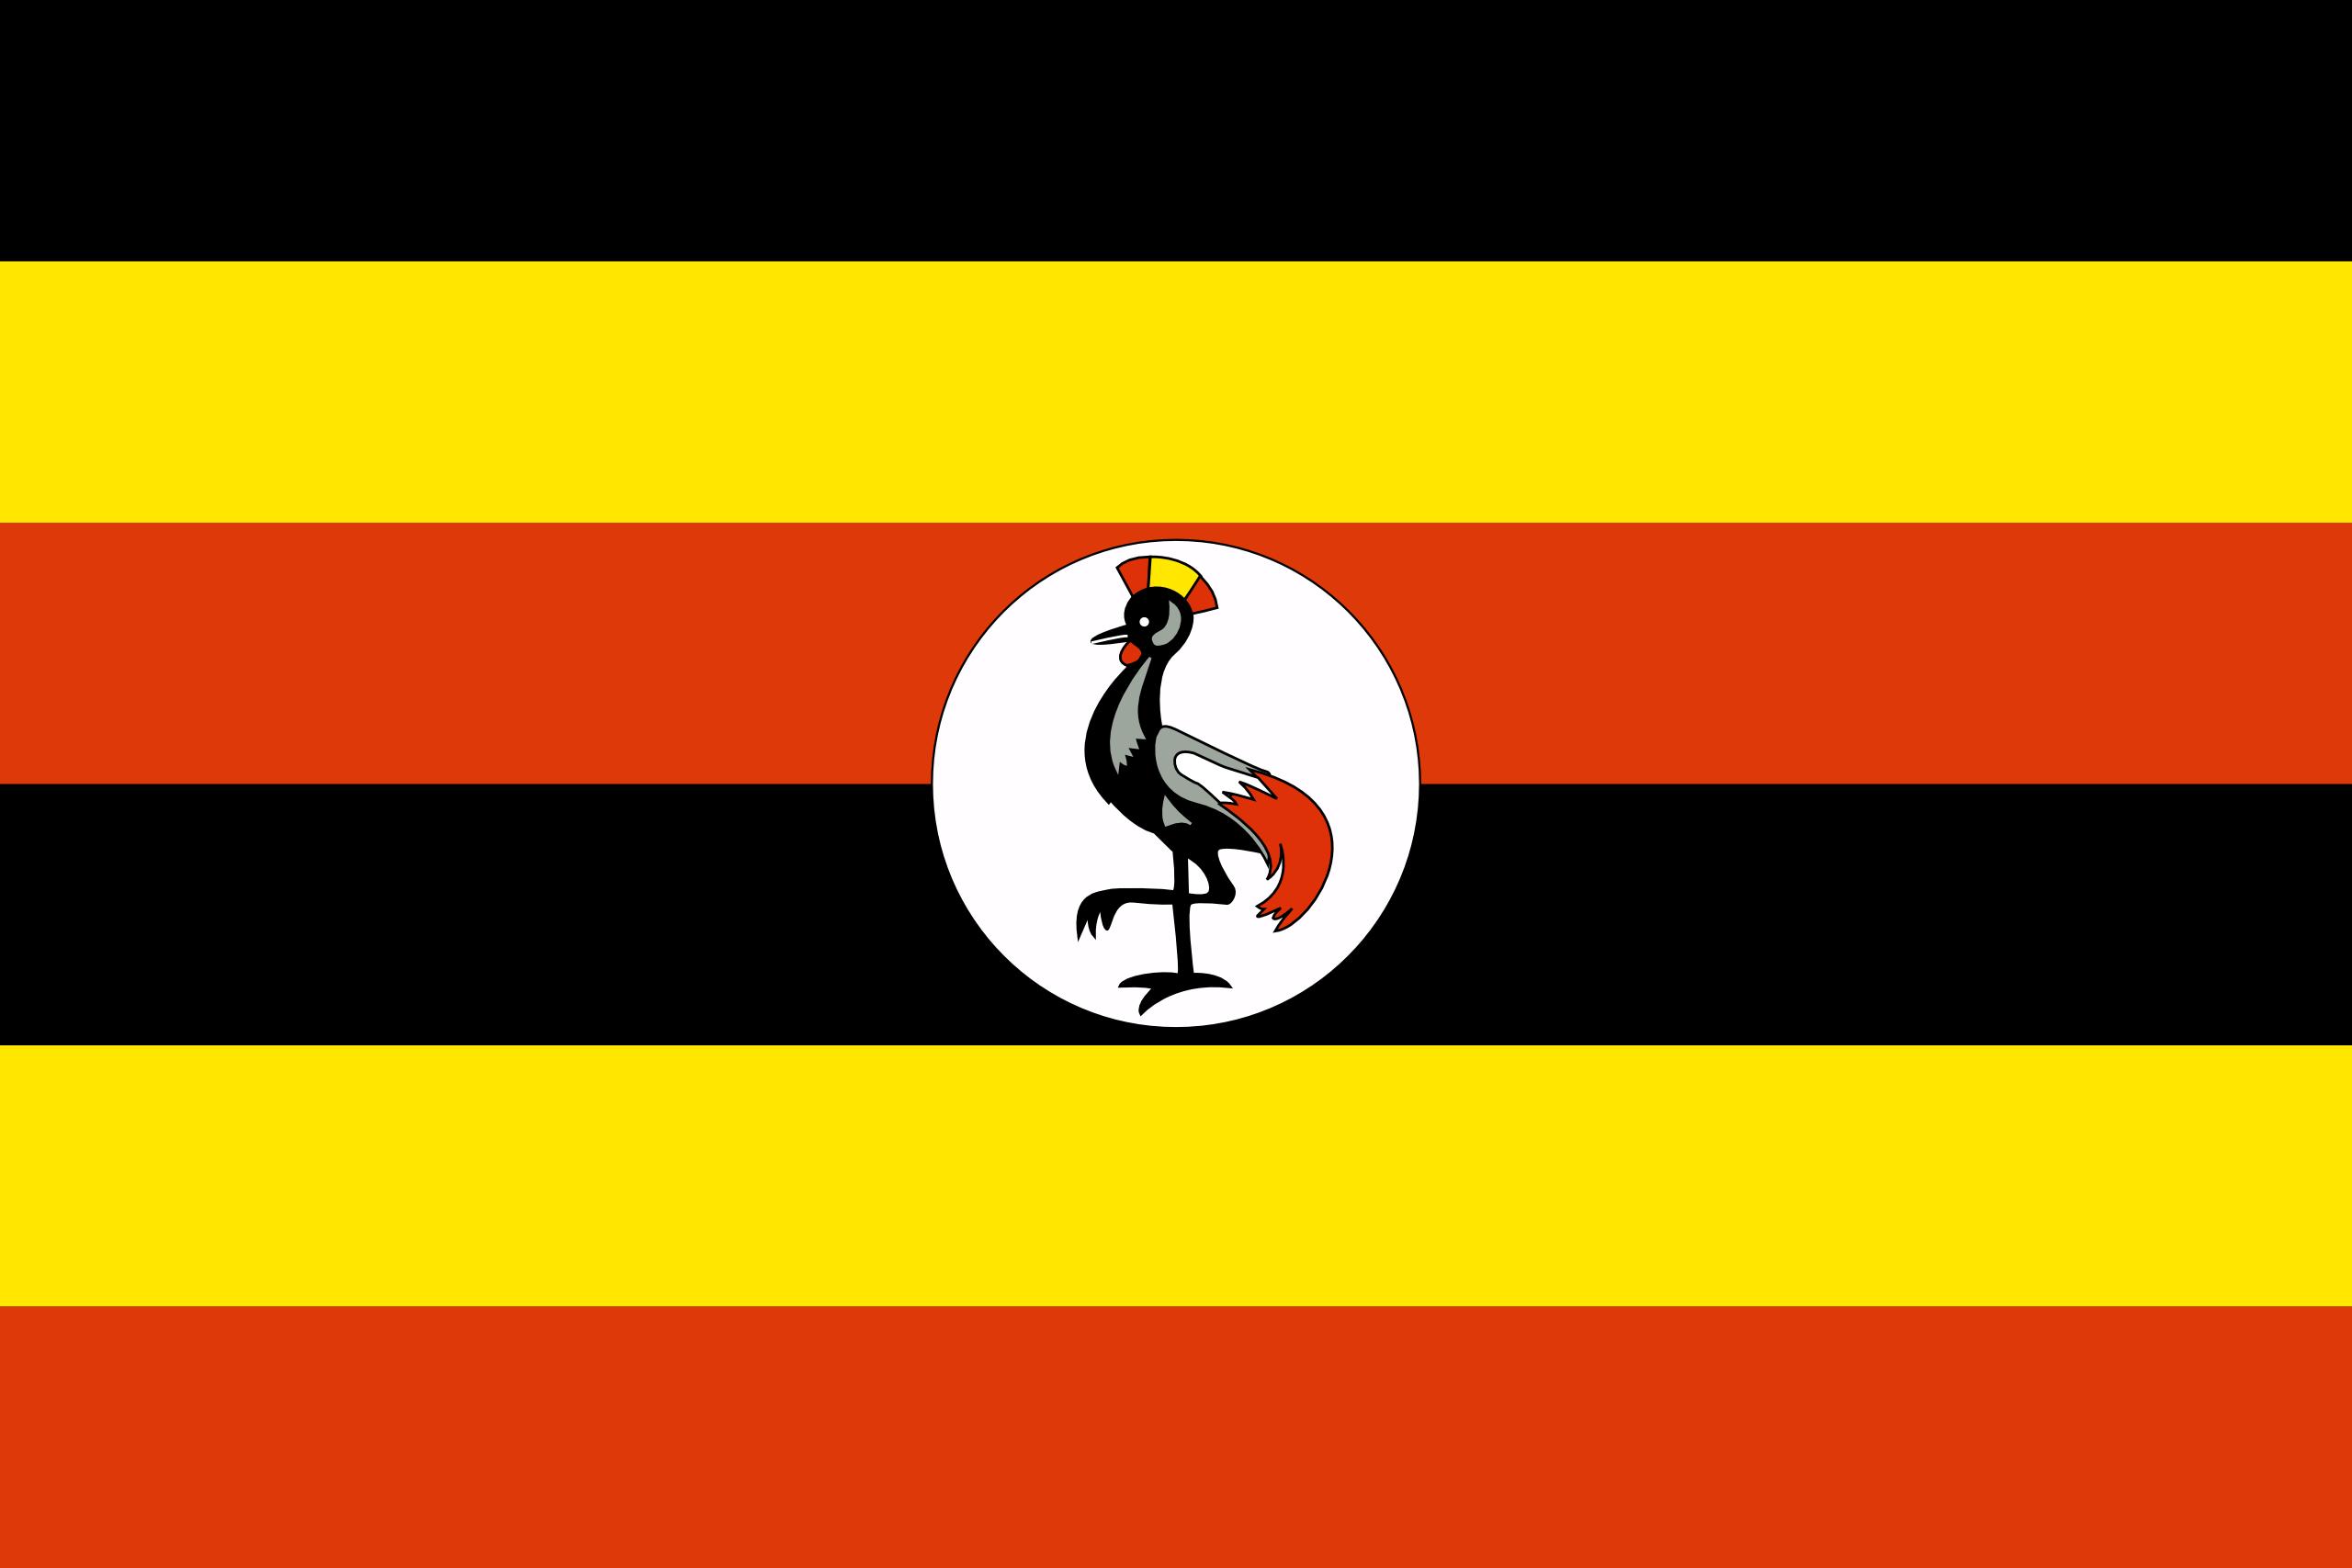 флаг синий черный белый какая страна